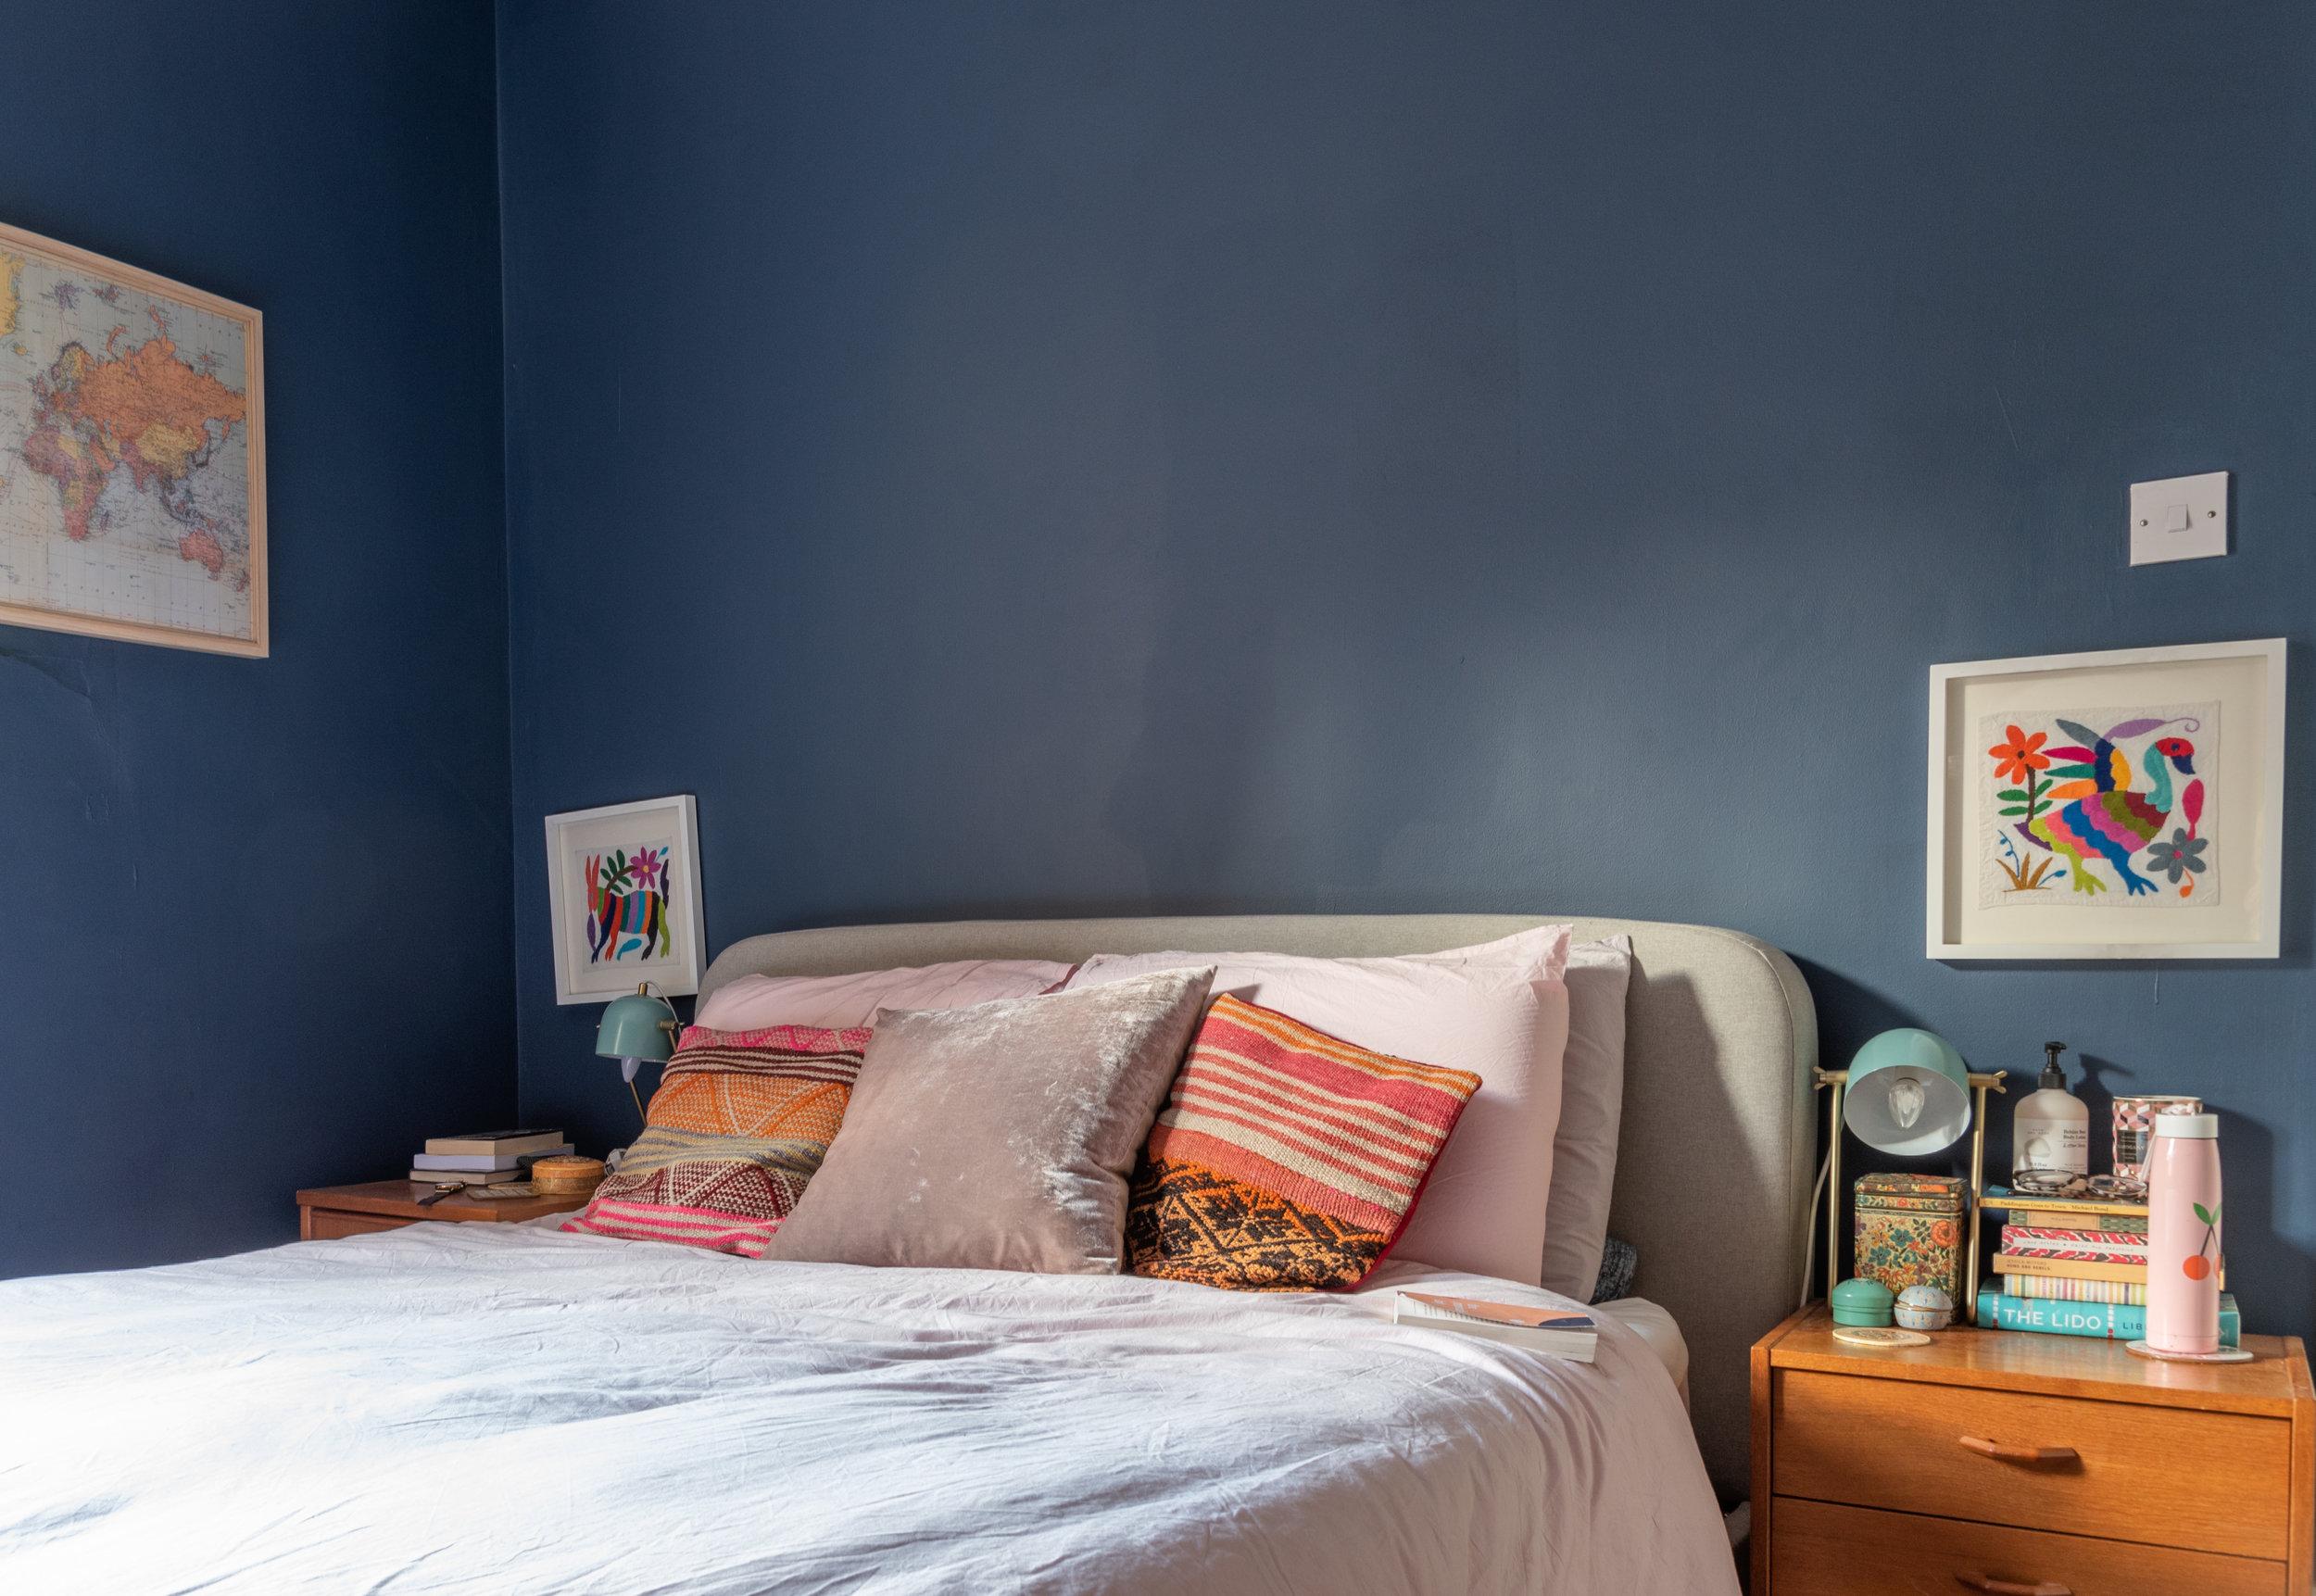 emma block bedroom vinterior 2.jpg